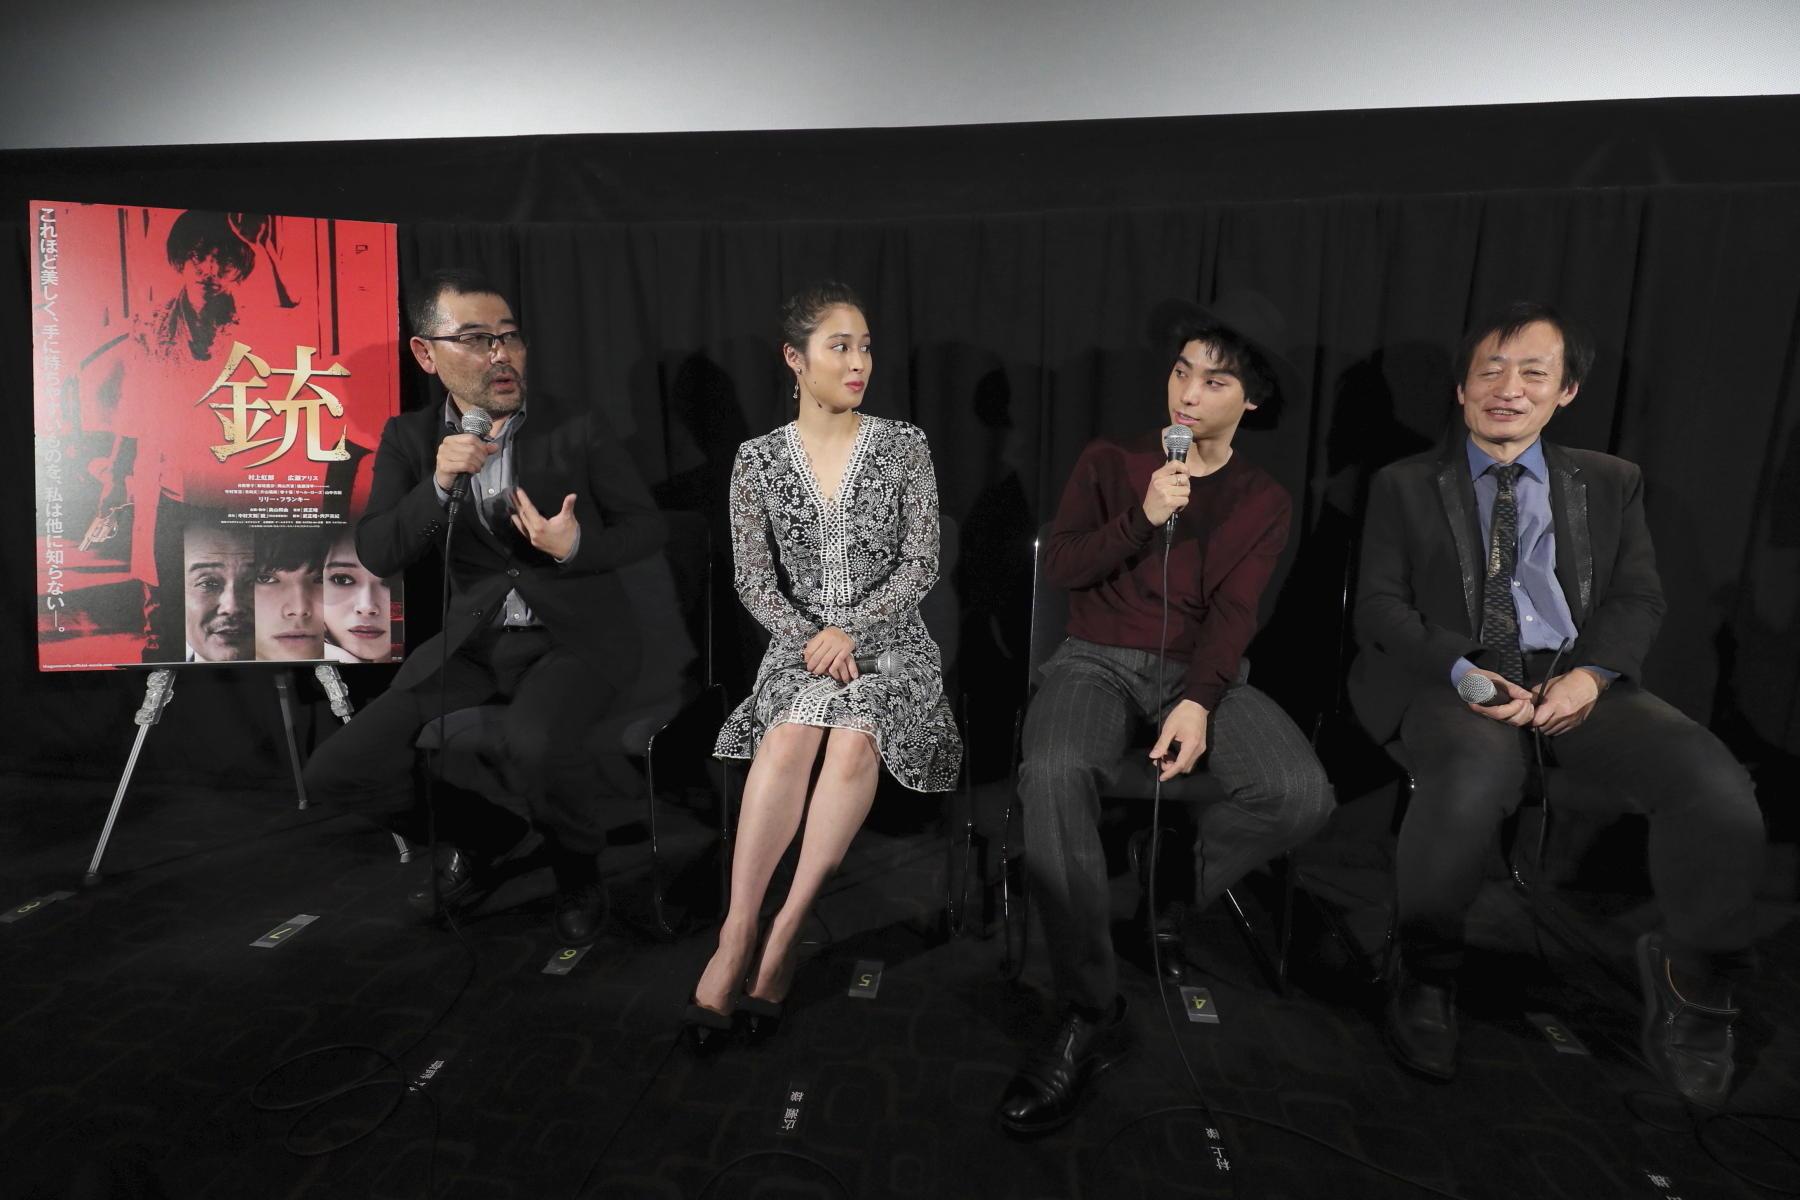 http://news.yoshimoto.co.jp/20181102005945-bceaf410a8ac6e5c454c51c745a0671f5de5c48d.jpg